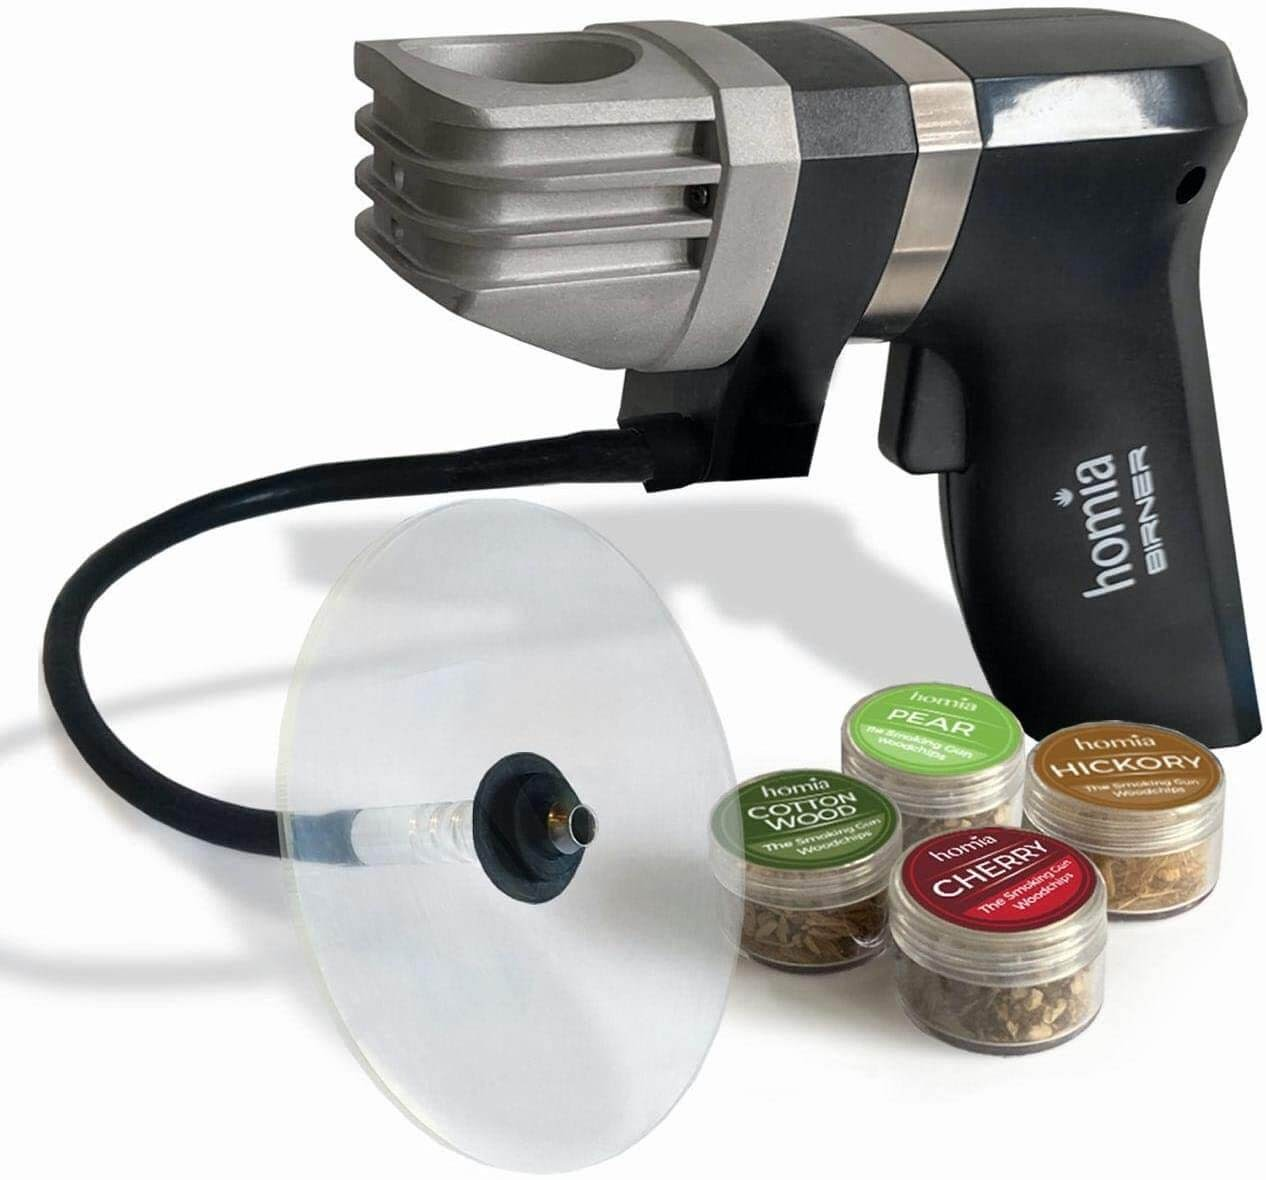 Smoking Gun Wood Smoke Infusion Kit from Homia